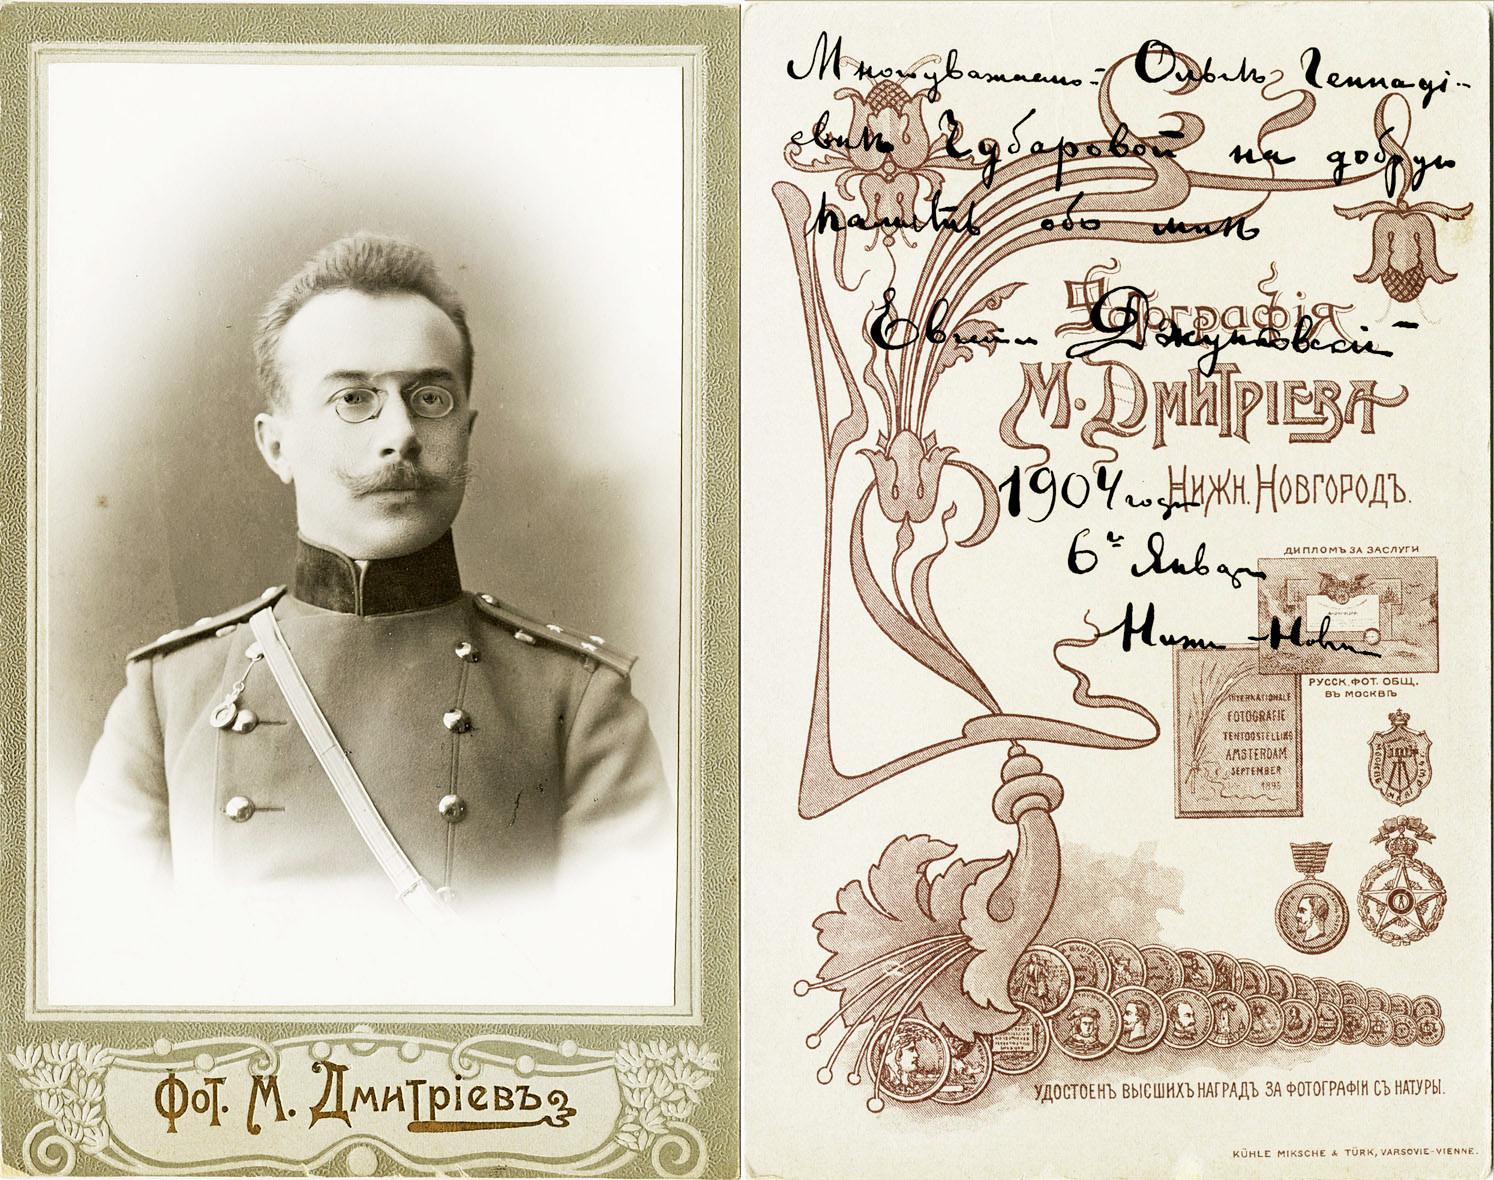 DZHUNKOVSKY, E. V. (Джунковский Е.В.)